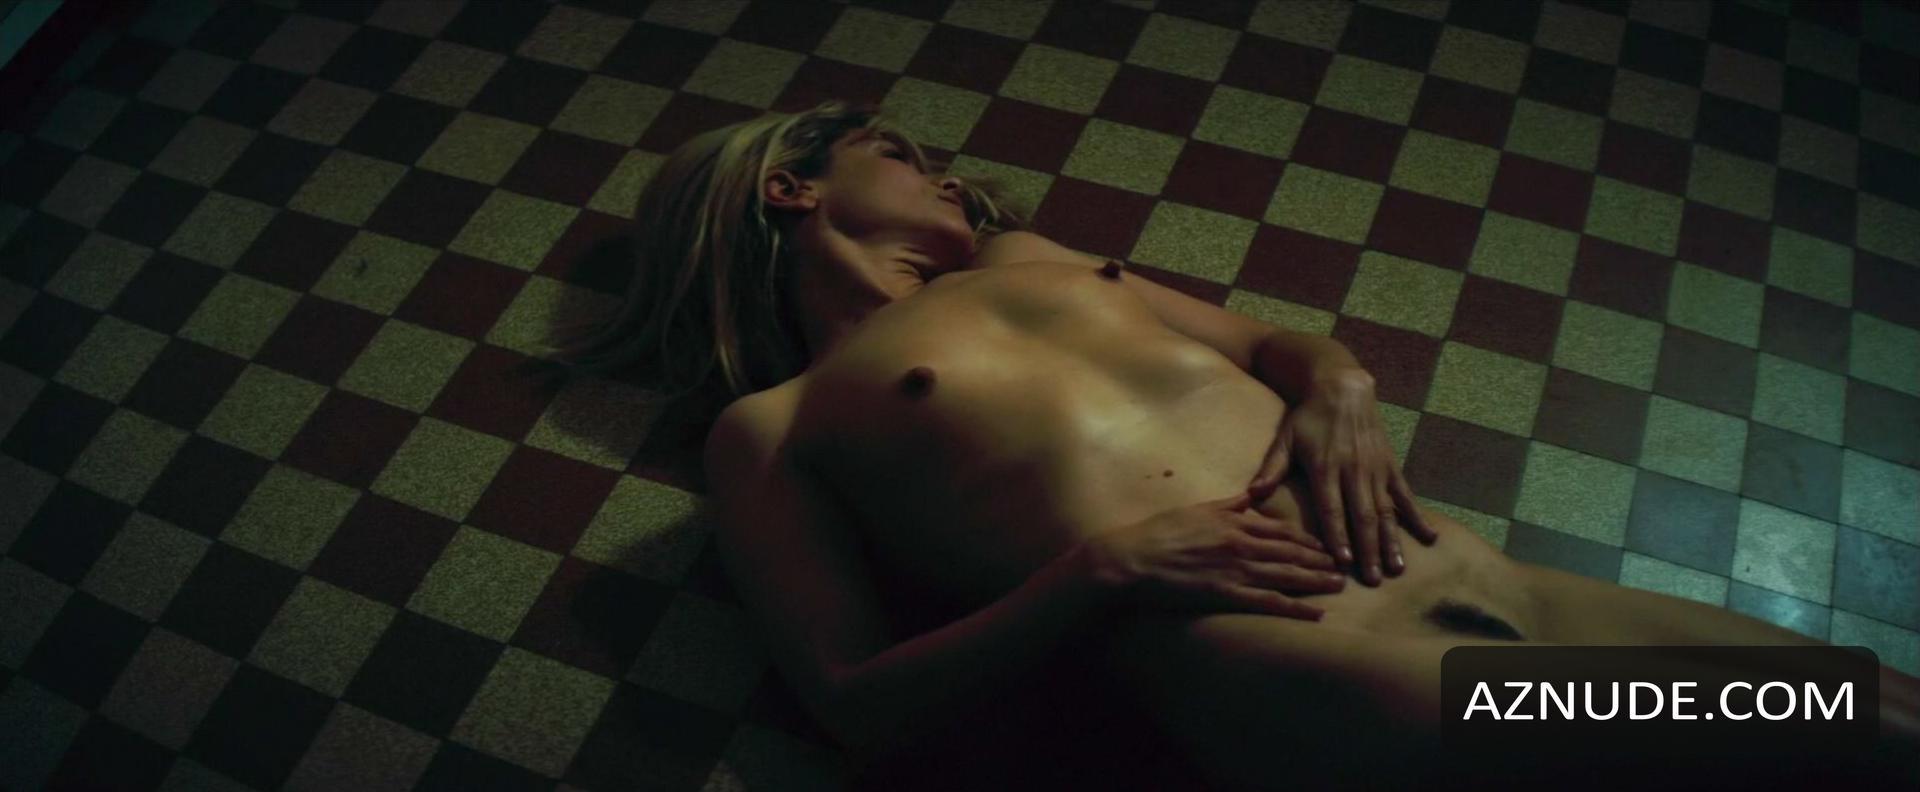 Marina nude pics-7813